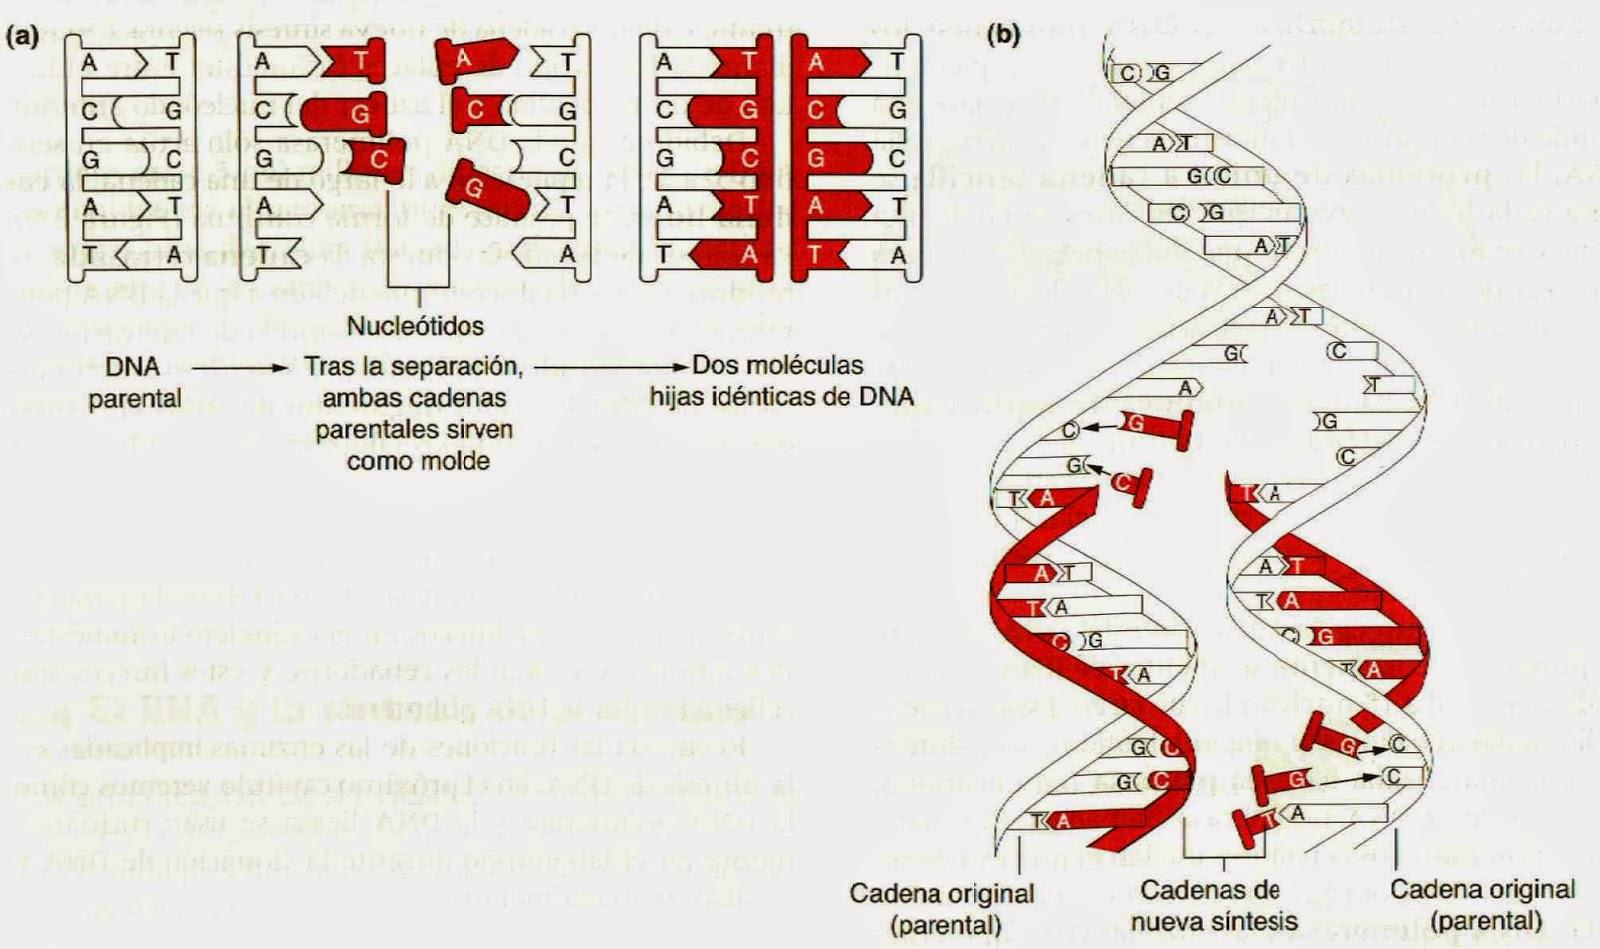 Estructura de los cromosomas, replicación del ADN y genomas ...